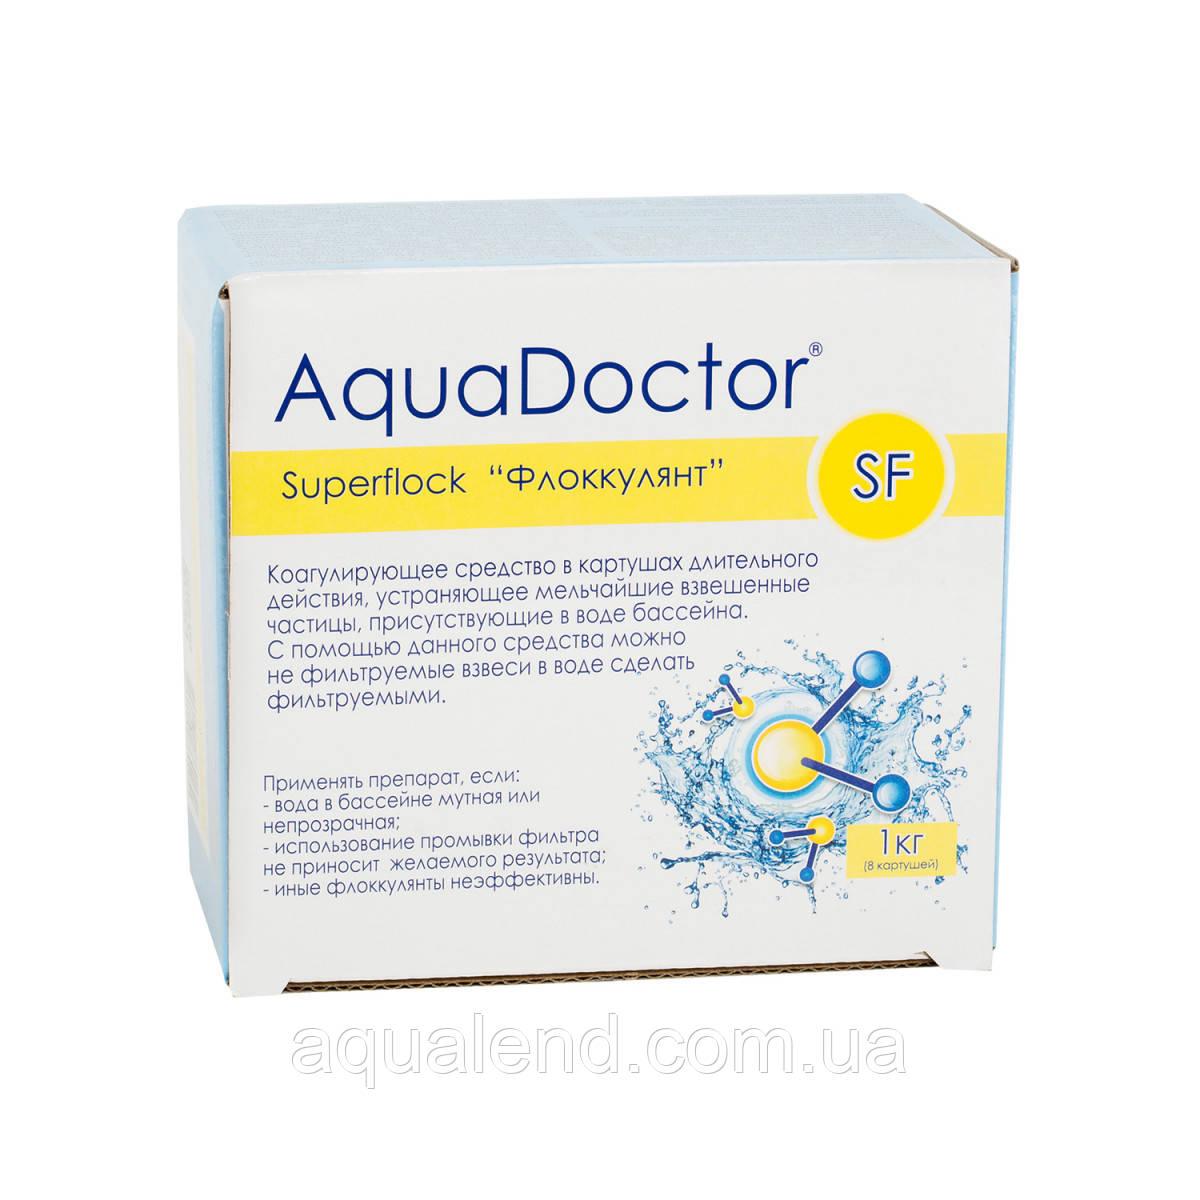 Флокулянт картушный Super Flock AquaDoctor, 1кг